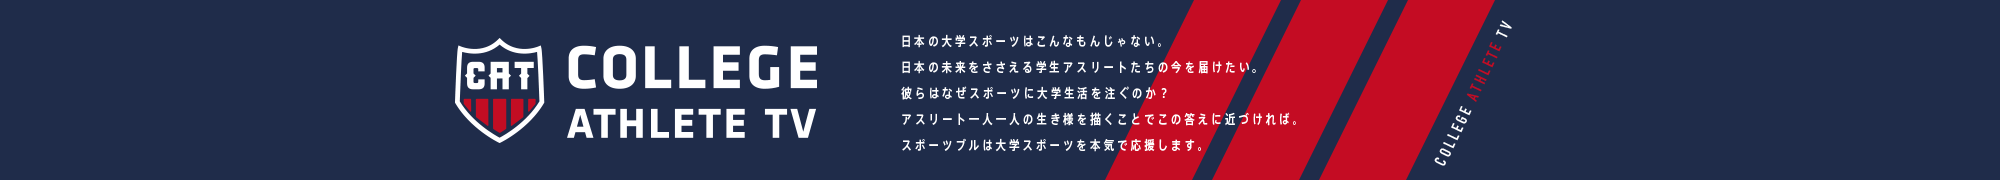 日本トップレベルの戦いは甘くはなかった。100メートル背泳ぎで中西晟(営3=呉港)と湯原利佳(政経3=渋谷幕張)、100メートル平泳ぎで宮坂倖乃(法1=春日部共栄)ら3名が8位入賞…